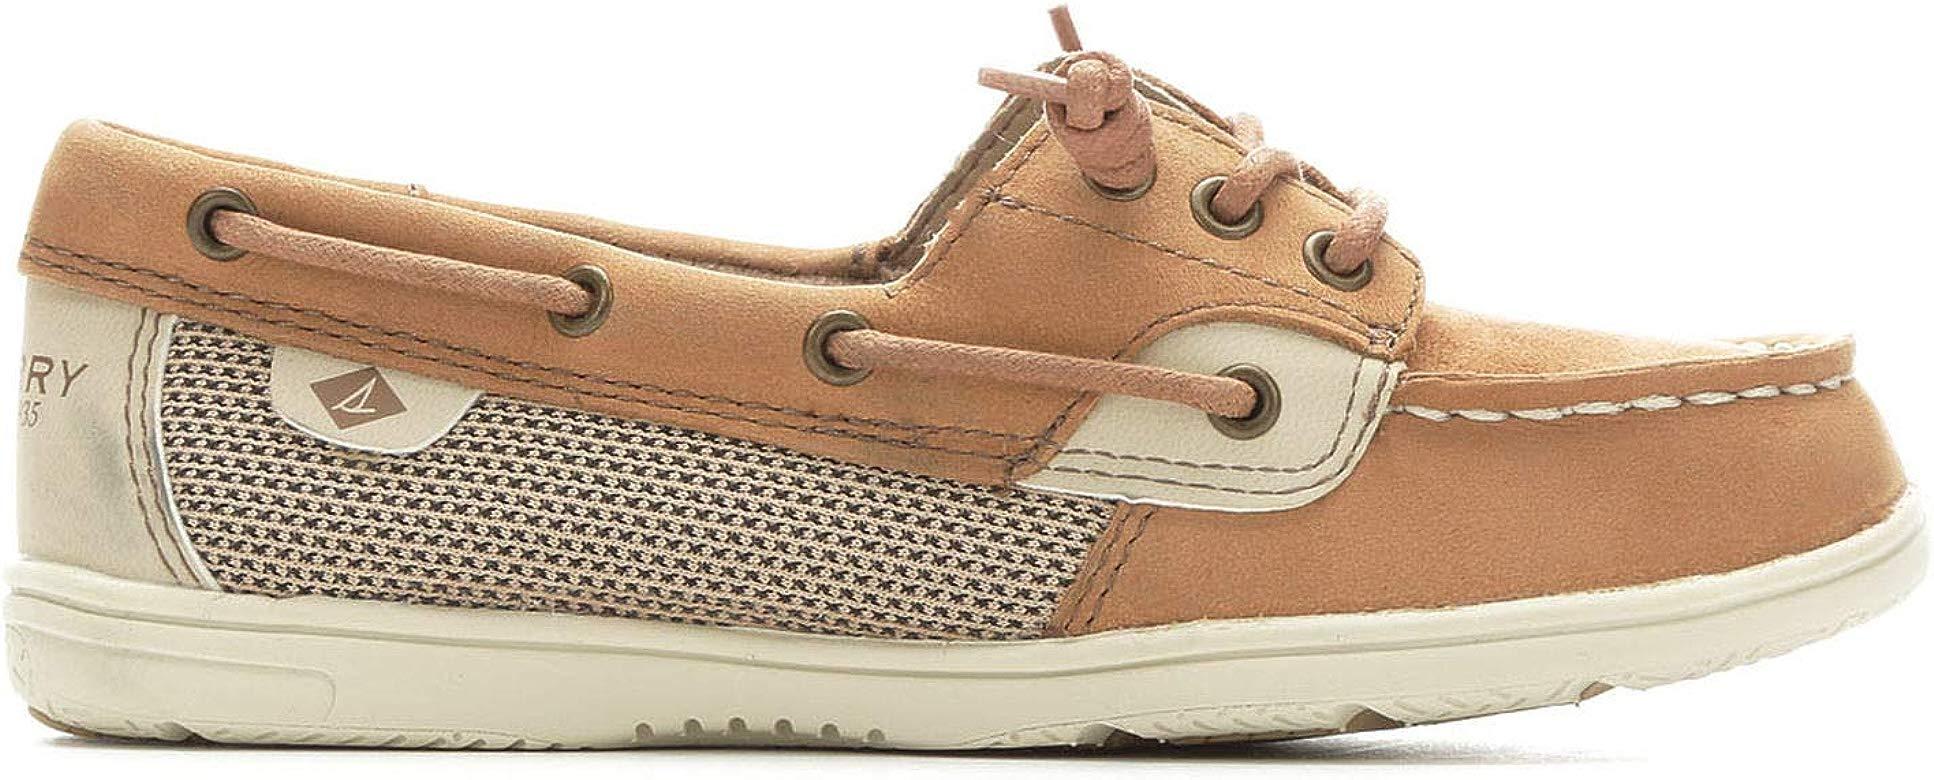 Sperry Top-Sider Kids Shoresider Jr Crib Shoe Linen//Oat